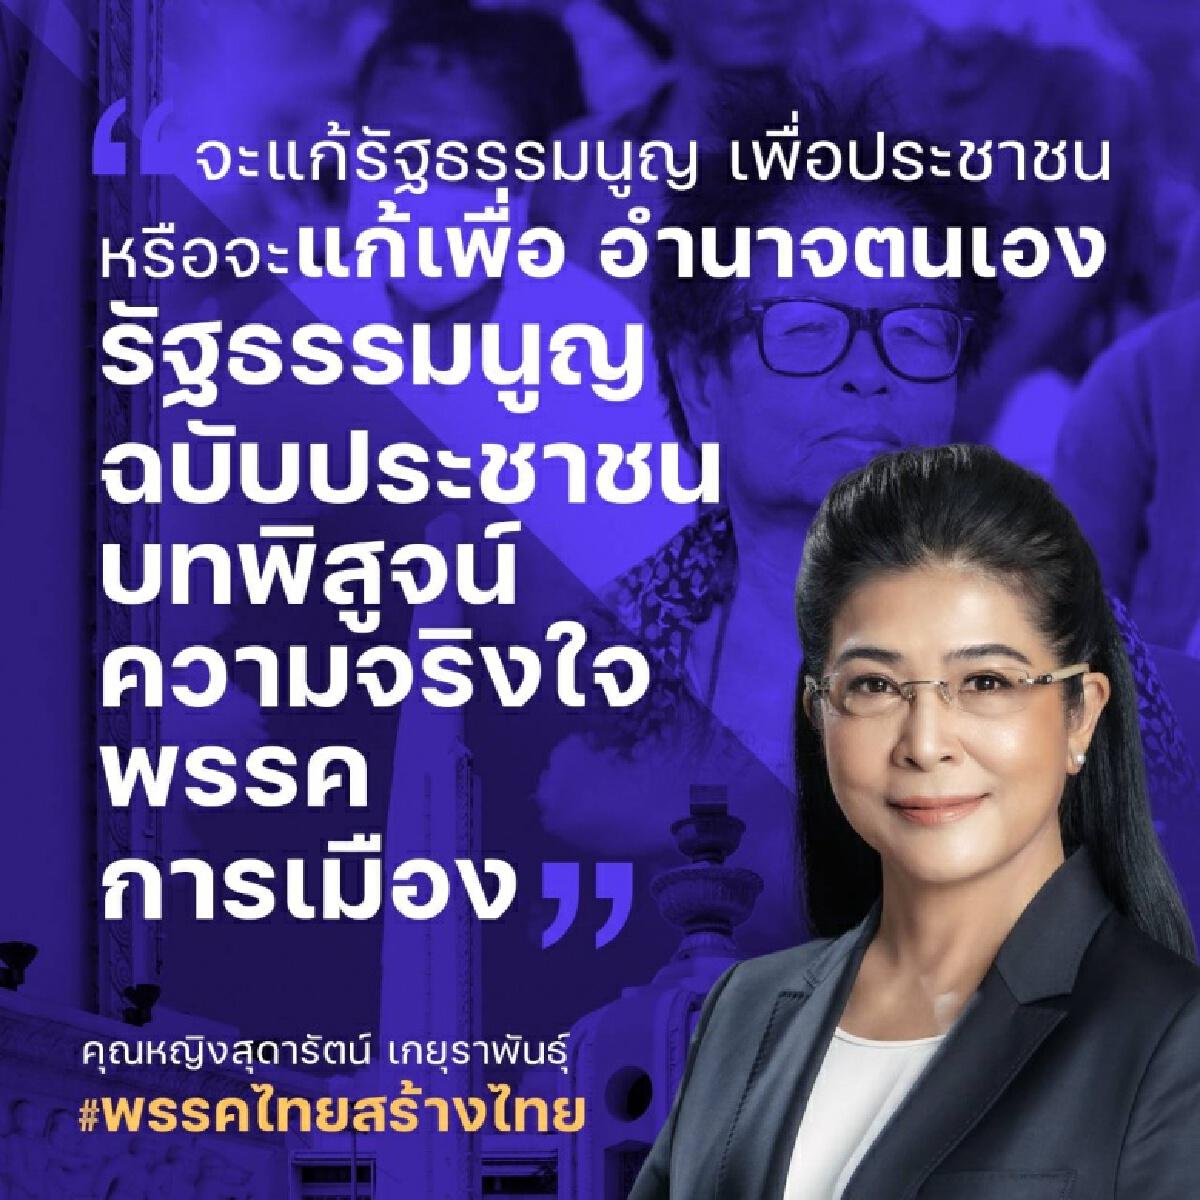 """""""ไทยสร้างไทย"""" ชี้ ทางออกของประเทศอย่างสันติ คือการยอมให้ปชช.ได้มีโอกาสร่างรัฐธรรมนูญของปชช.เอง"""